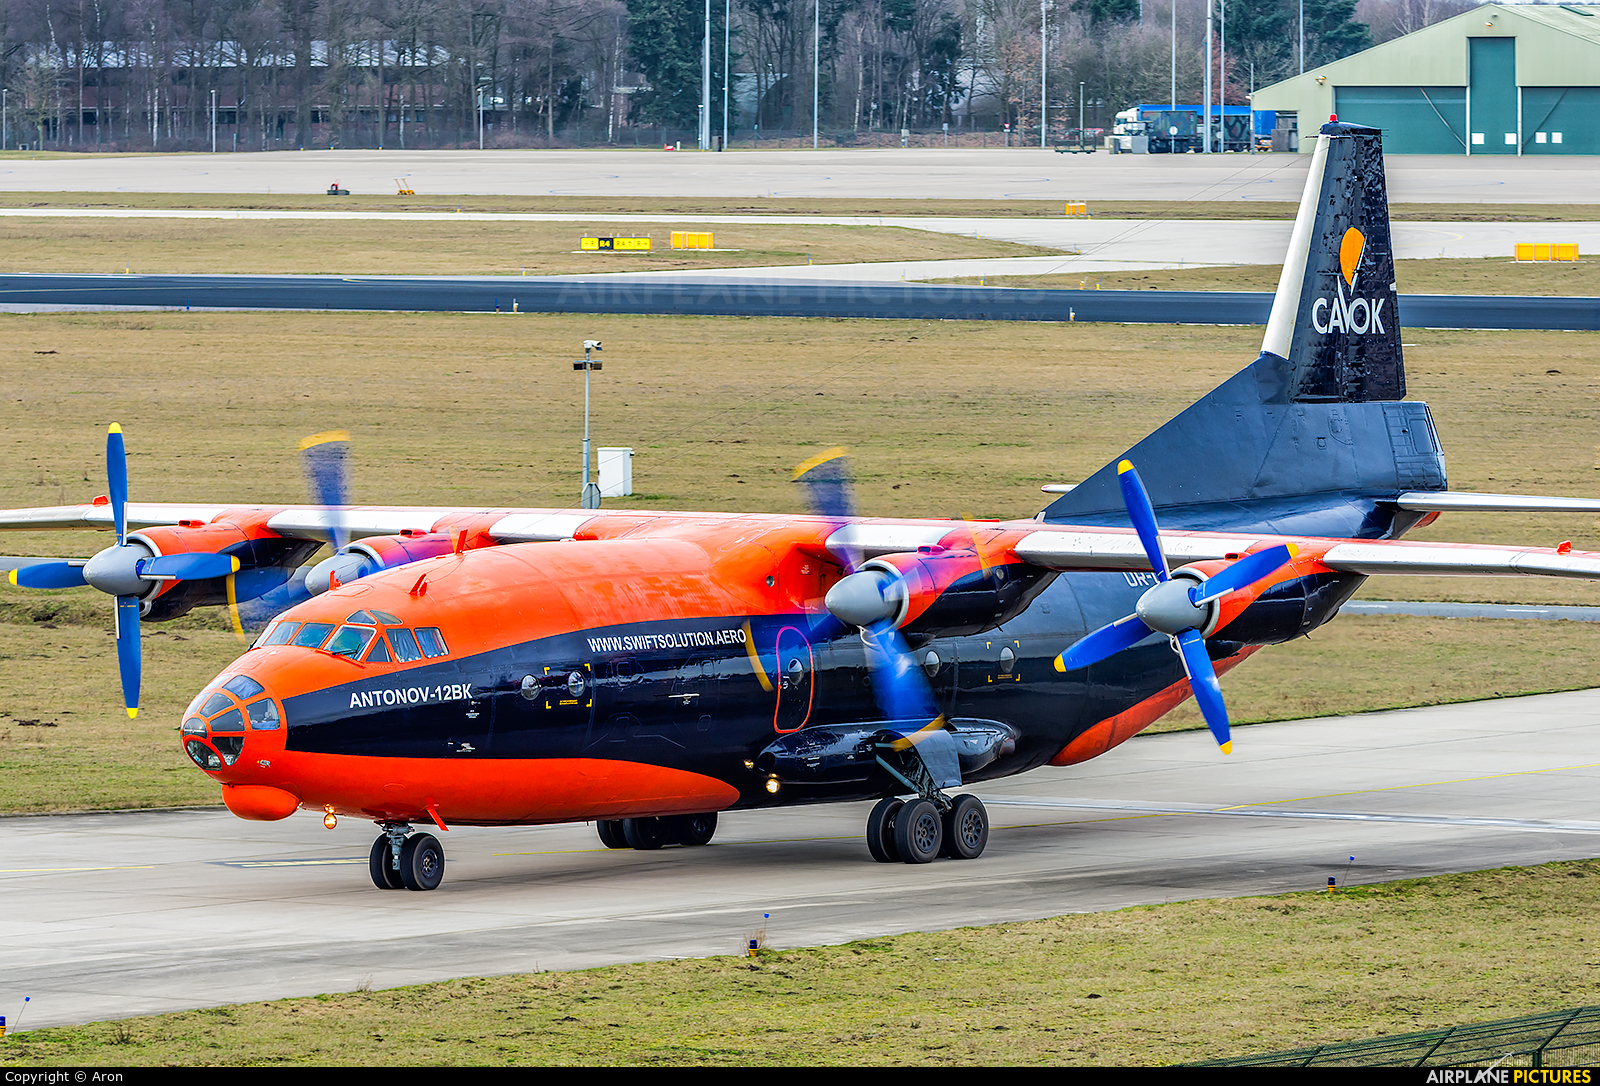 Cavok Air UR-CKL aircraft at Eindhoven